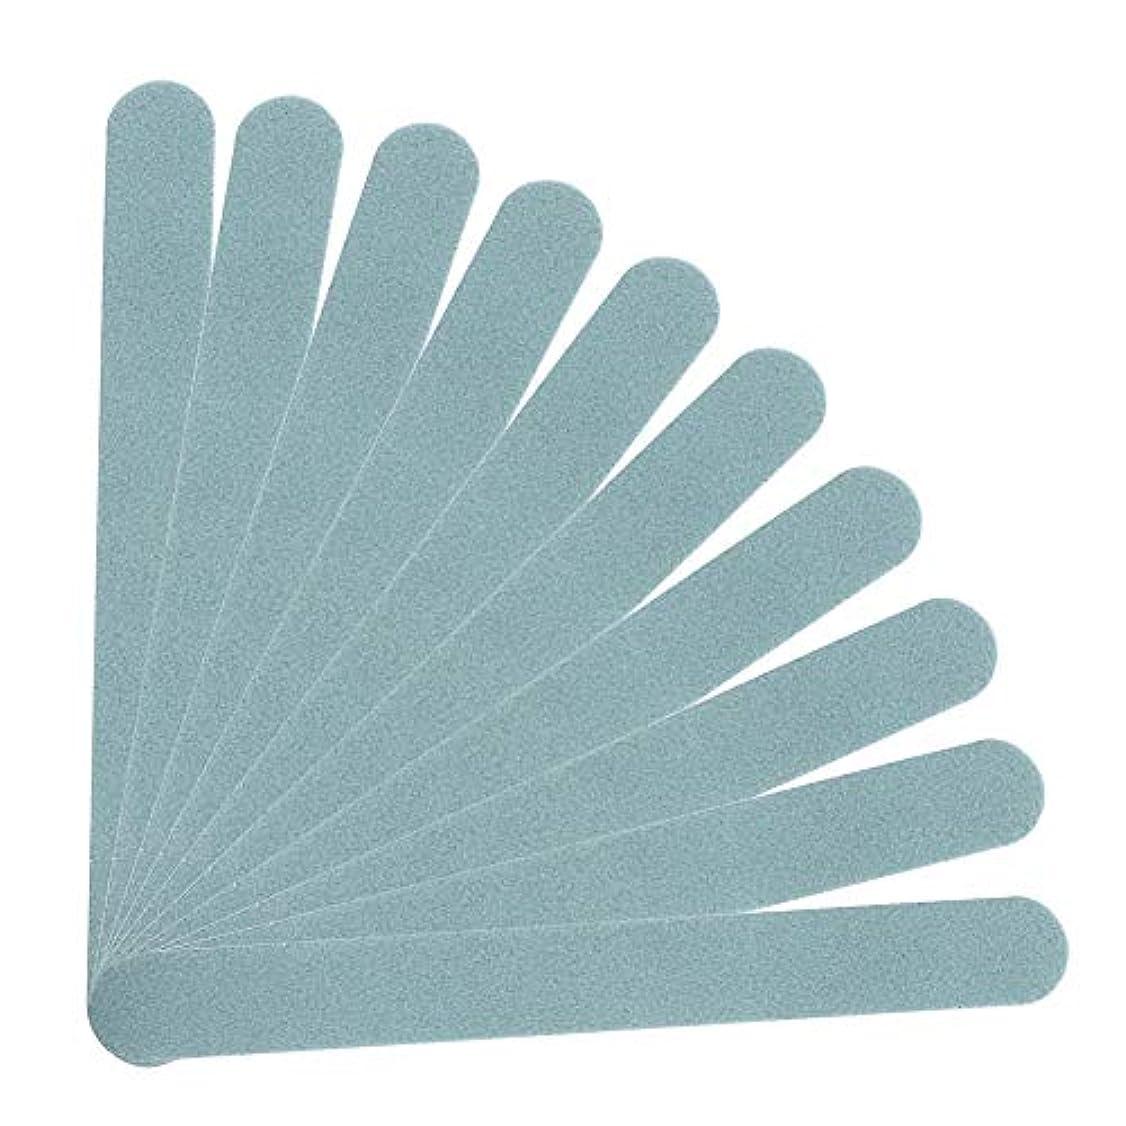 許容できるシュリンク石化するマニキュア ネイルアート用 10個のネイルポリッシングスポンジバッファー プロフェッショナル両面ファイルツール、